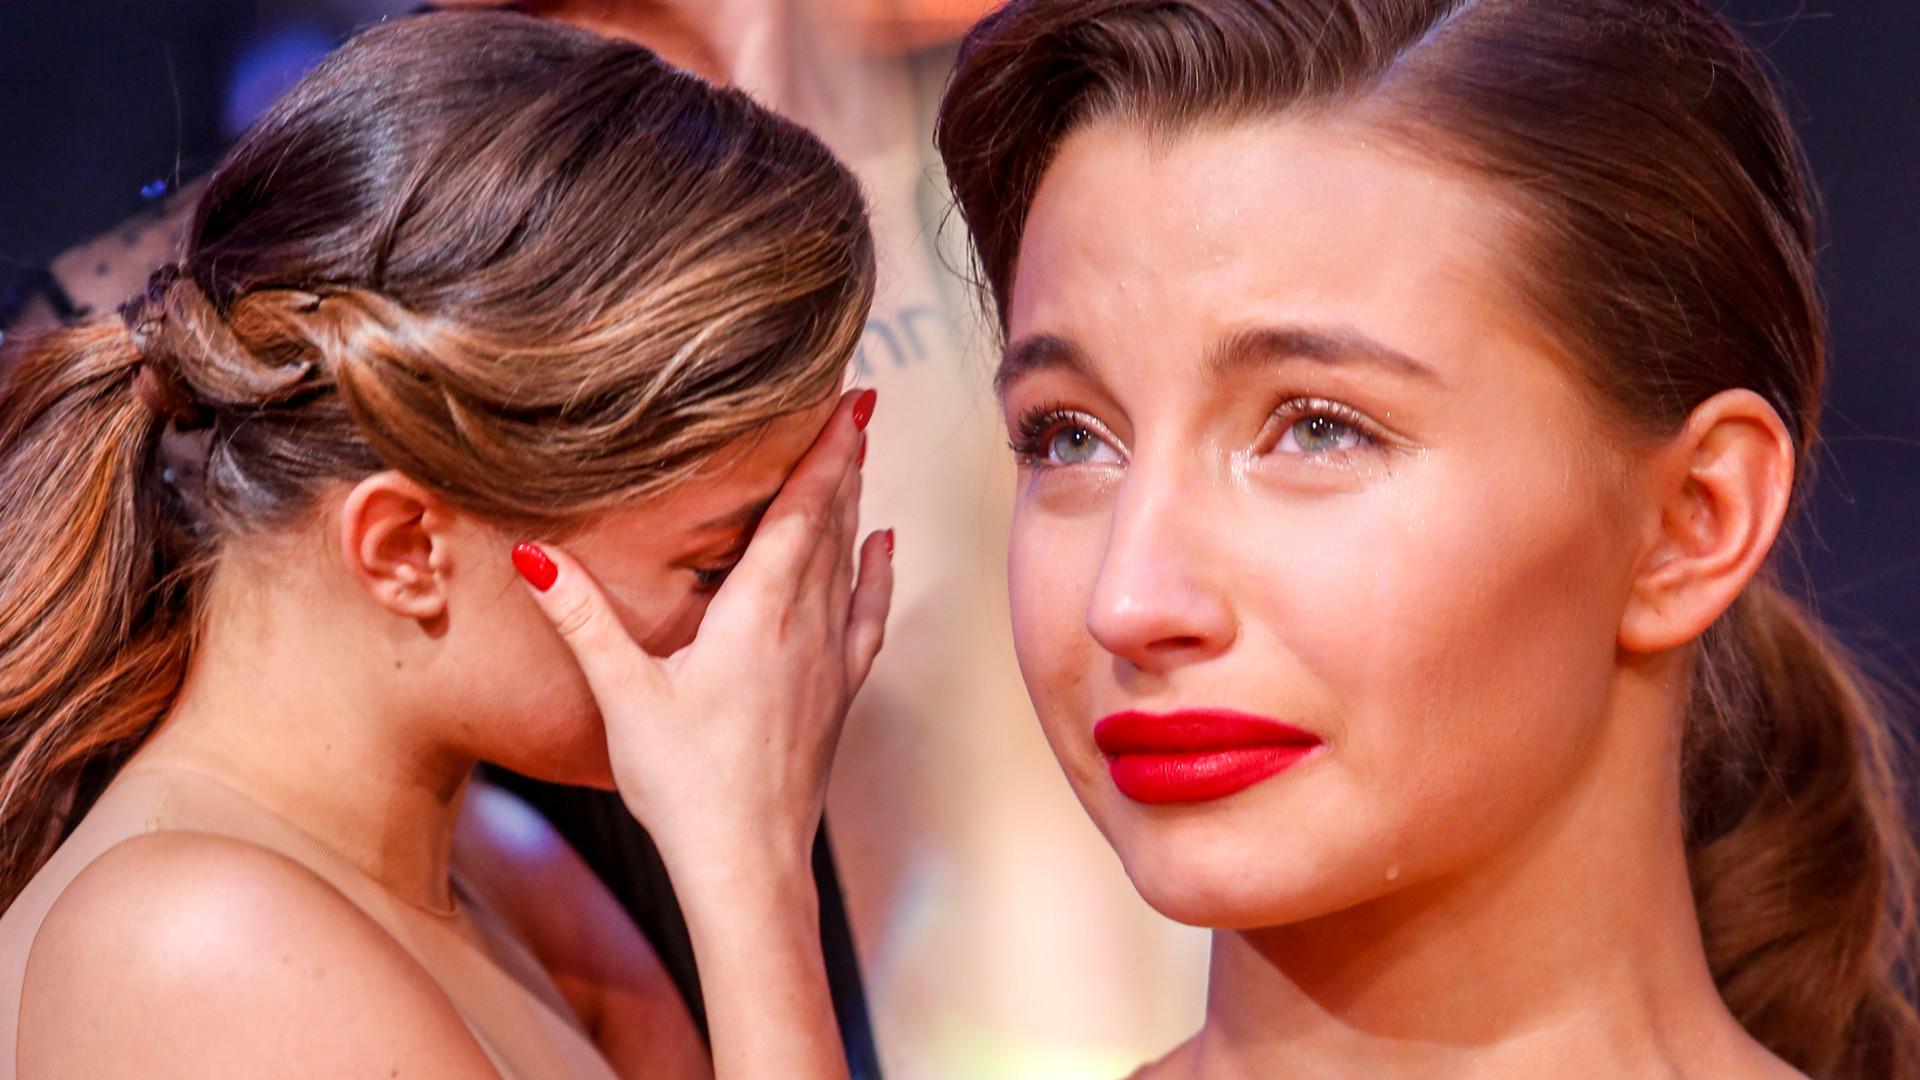 Tak PŁAKAŁA Julia Wieniawa, gdy zawieszono Taniec z gwiazdami – na szczęście znalazła sposób na tęsknotę za show